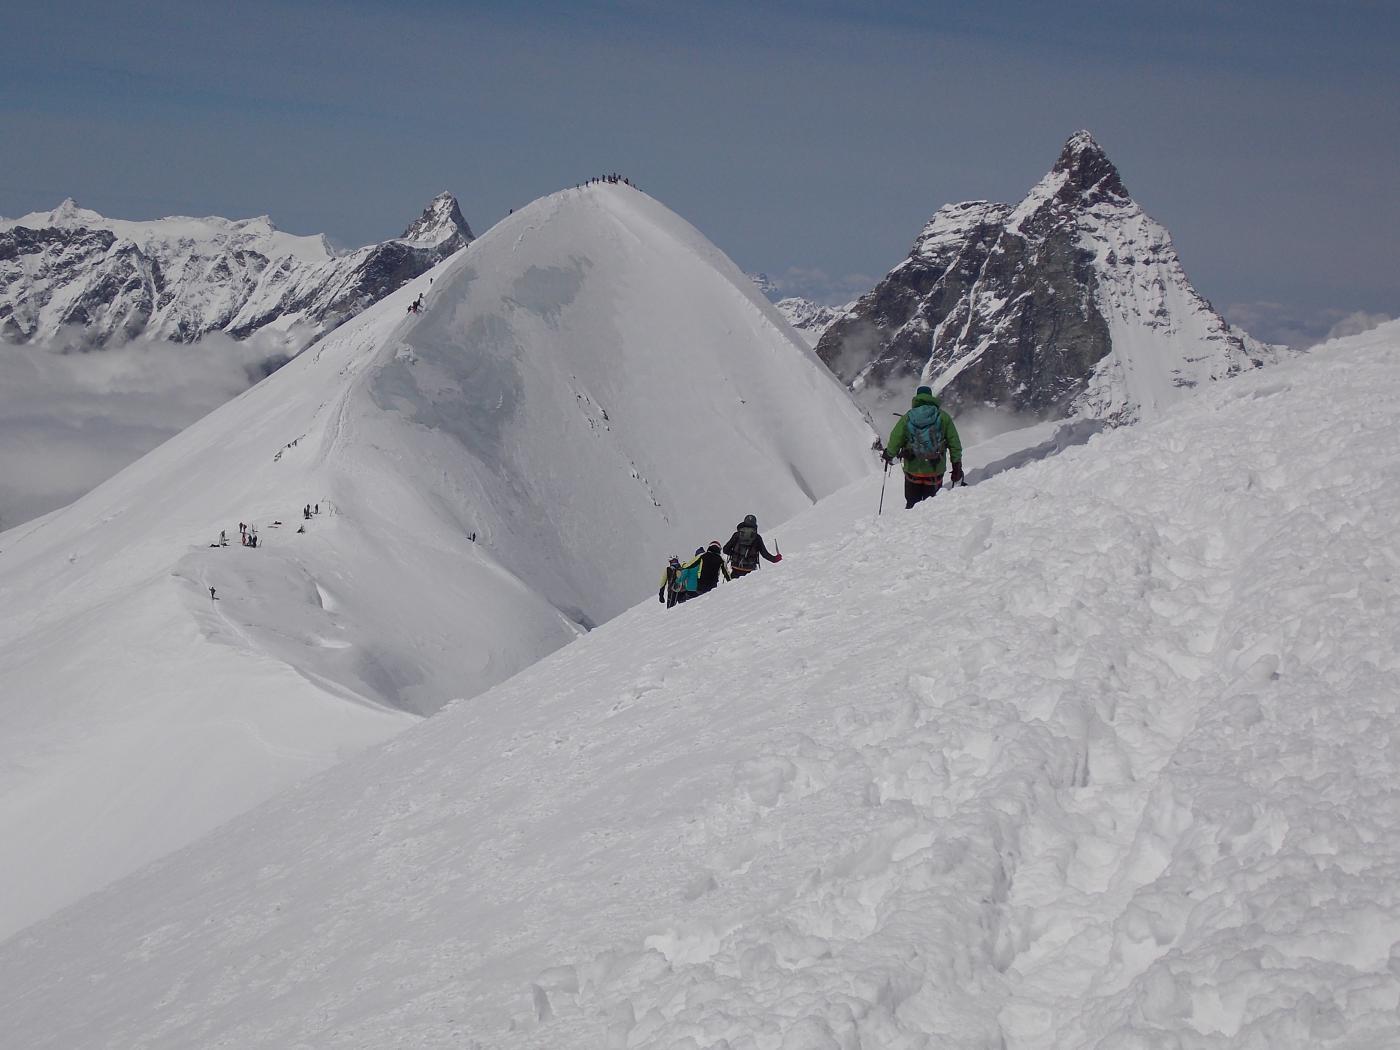 Il Breithorn occidentale molto affollato